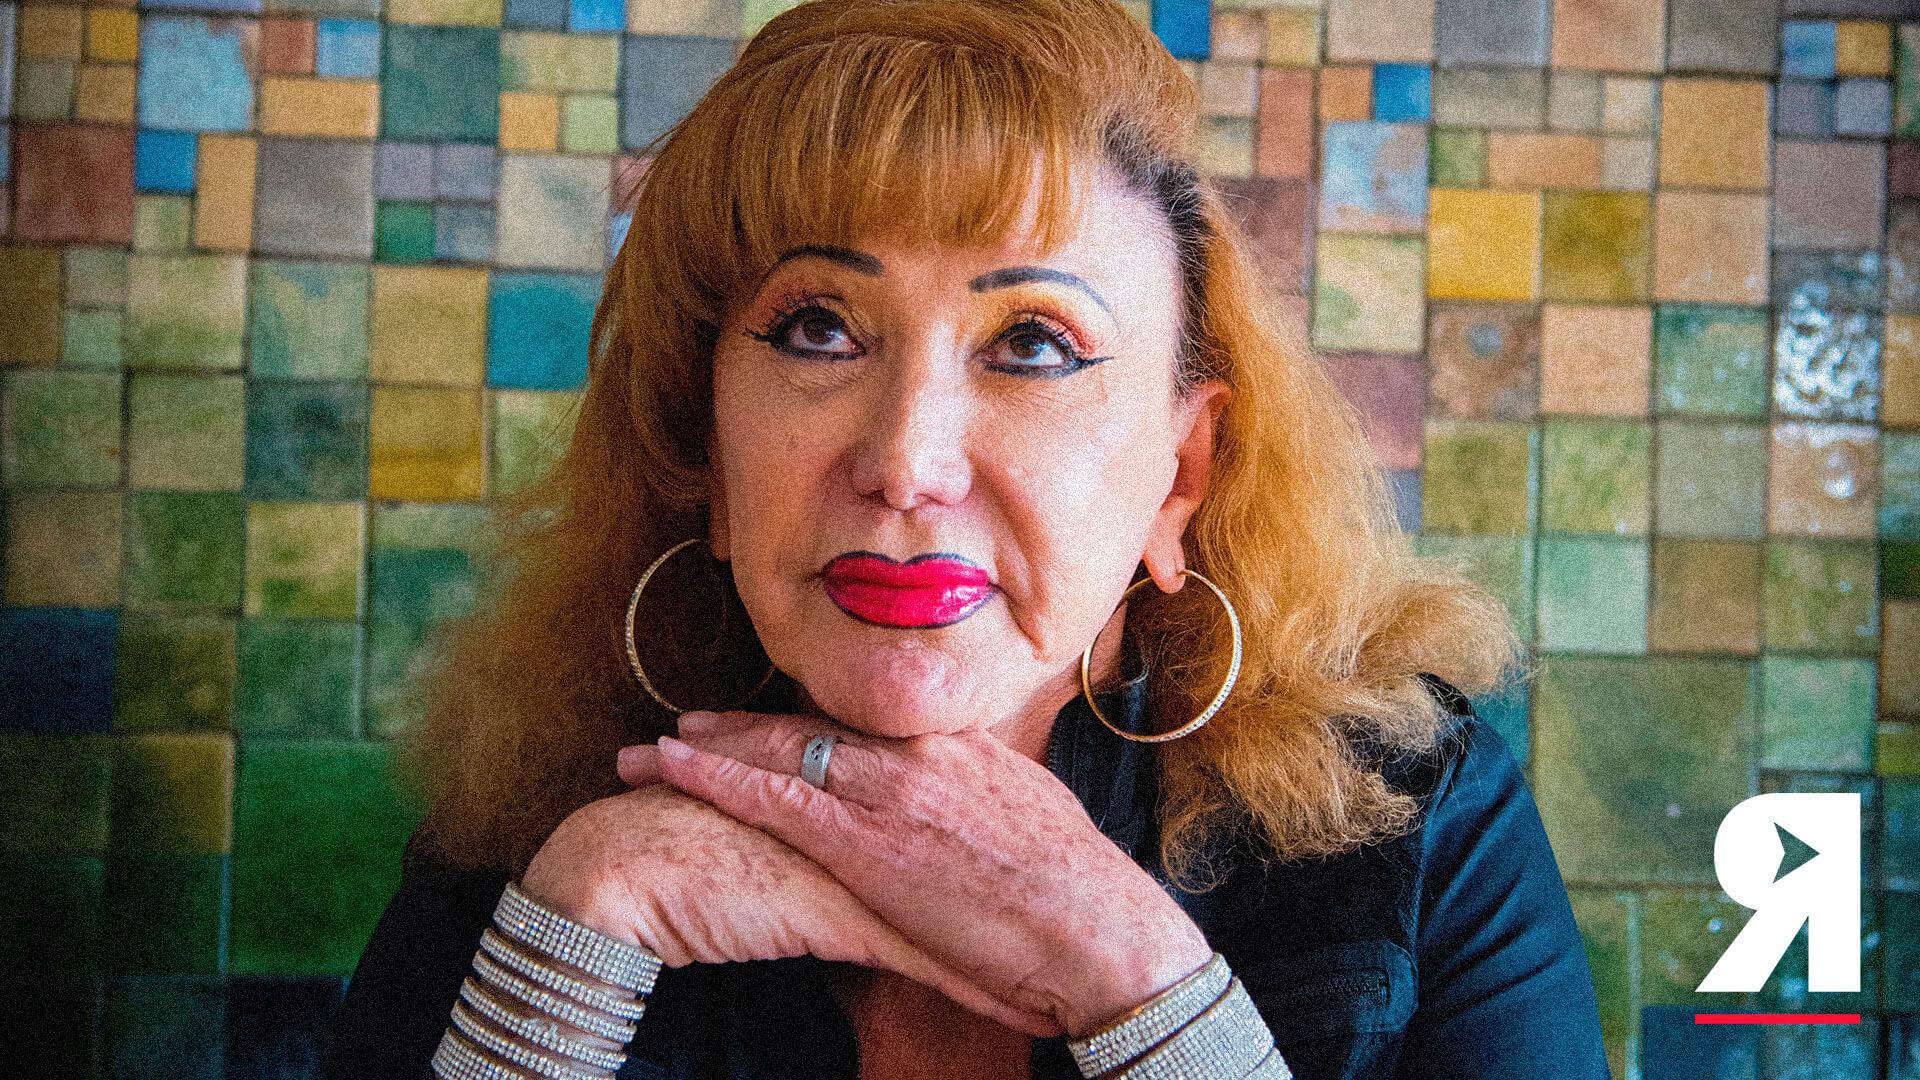 Ser trans e indígena en Colombia: la historia de Andrea Meza